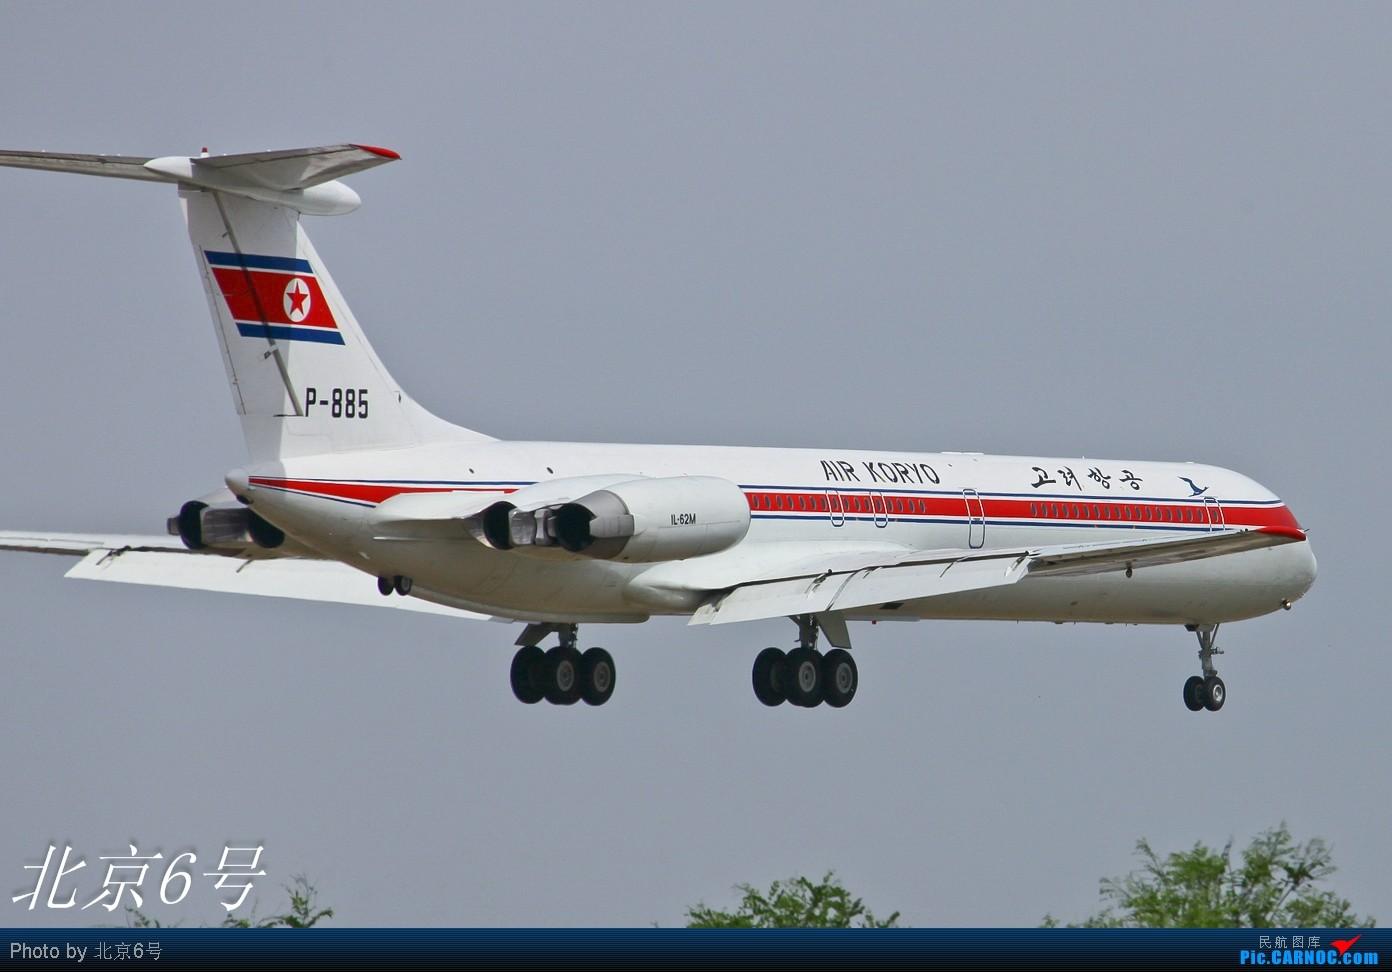 亚洲色囹��il�!깢�y`m���_il-86m p-885 中国北京首都机场